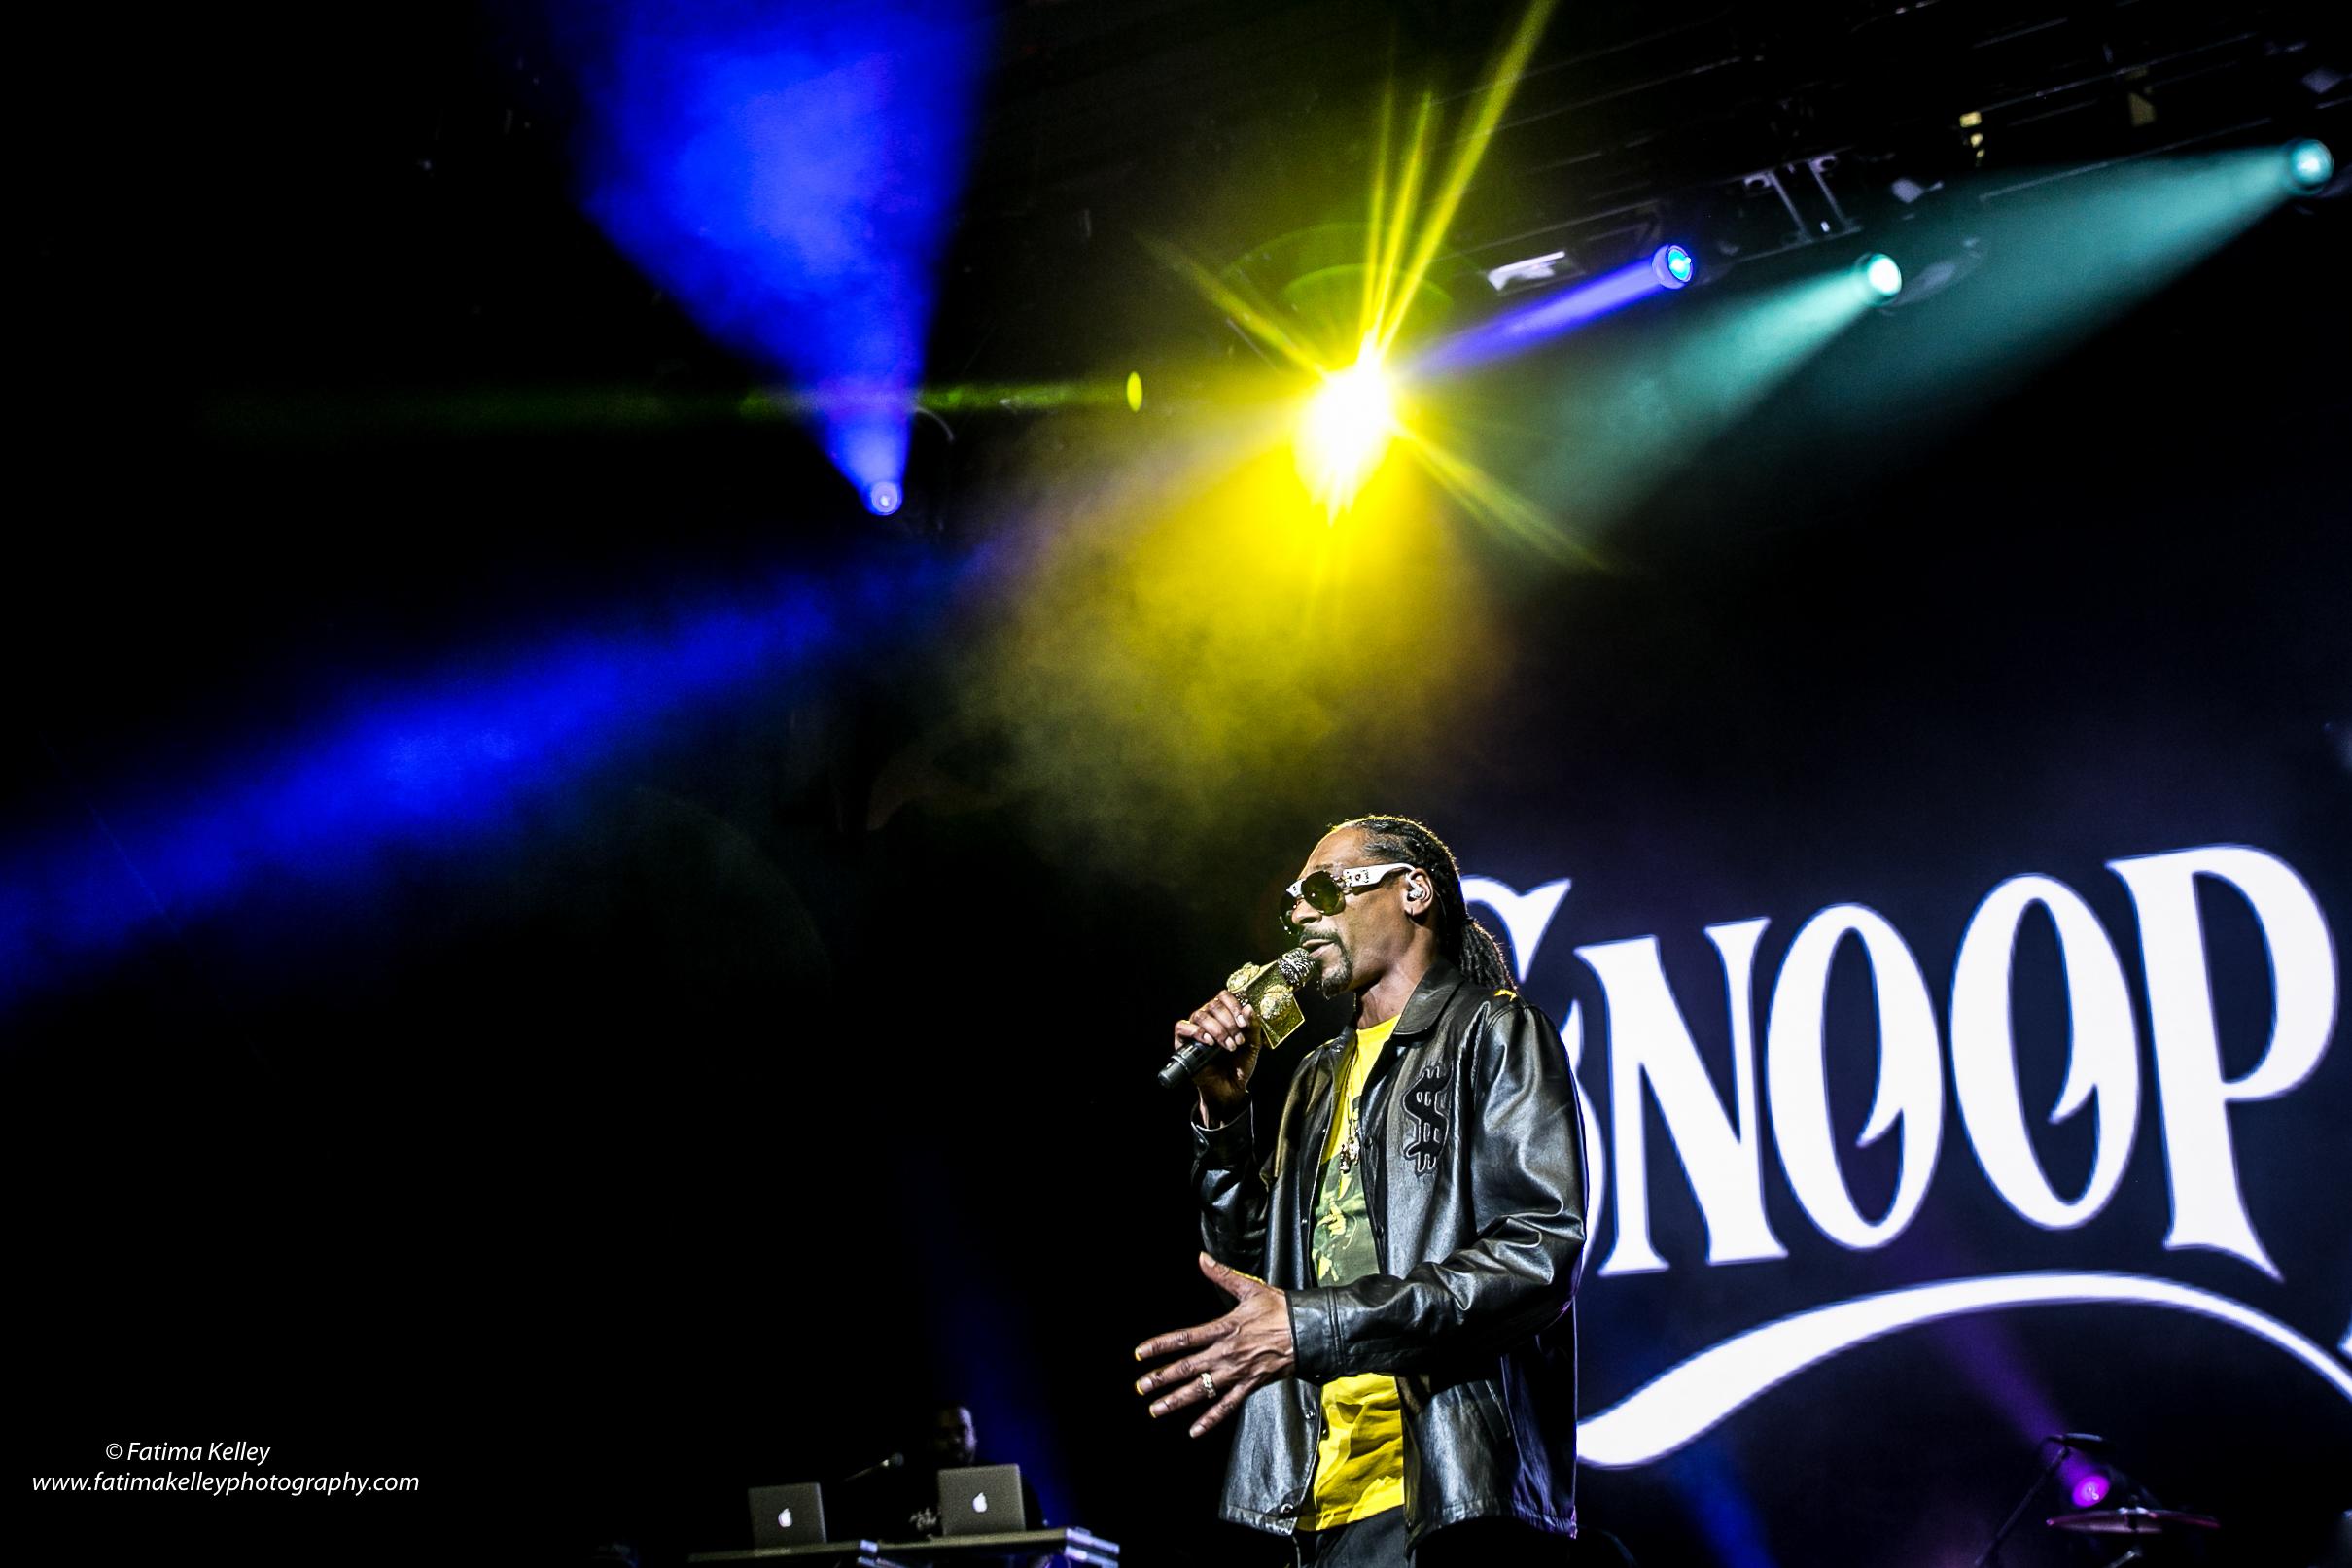 Snoop-27.jpg